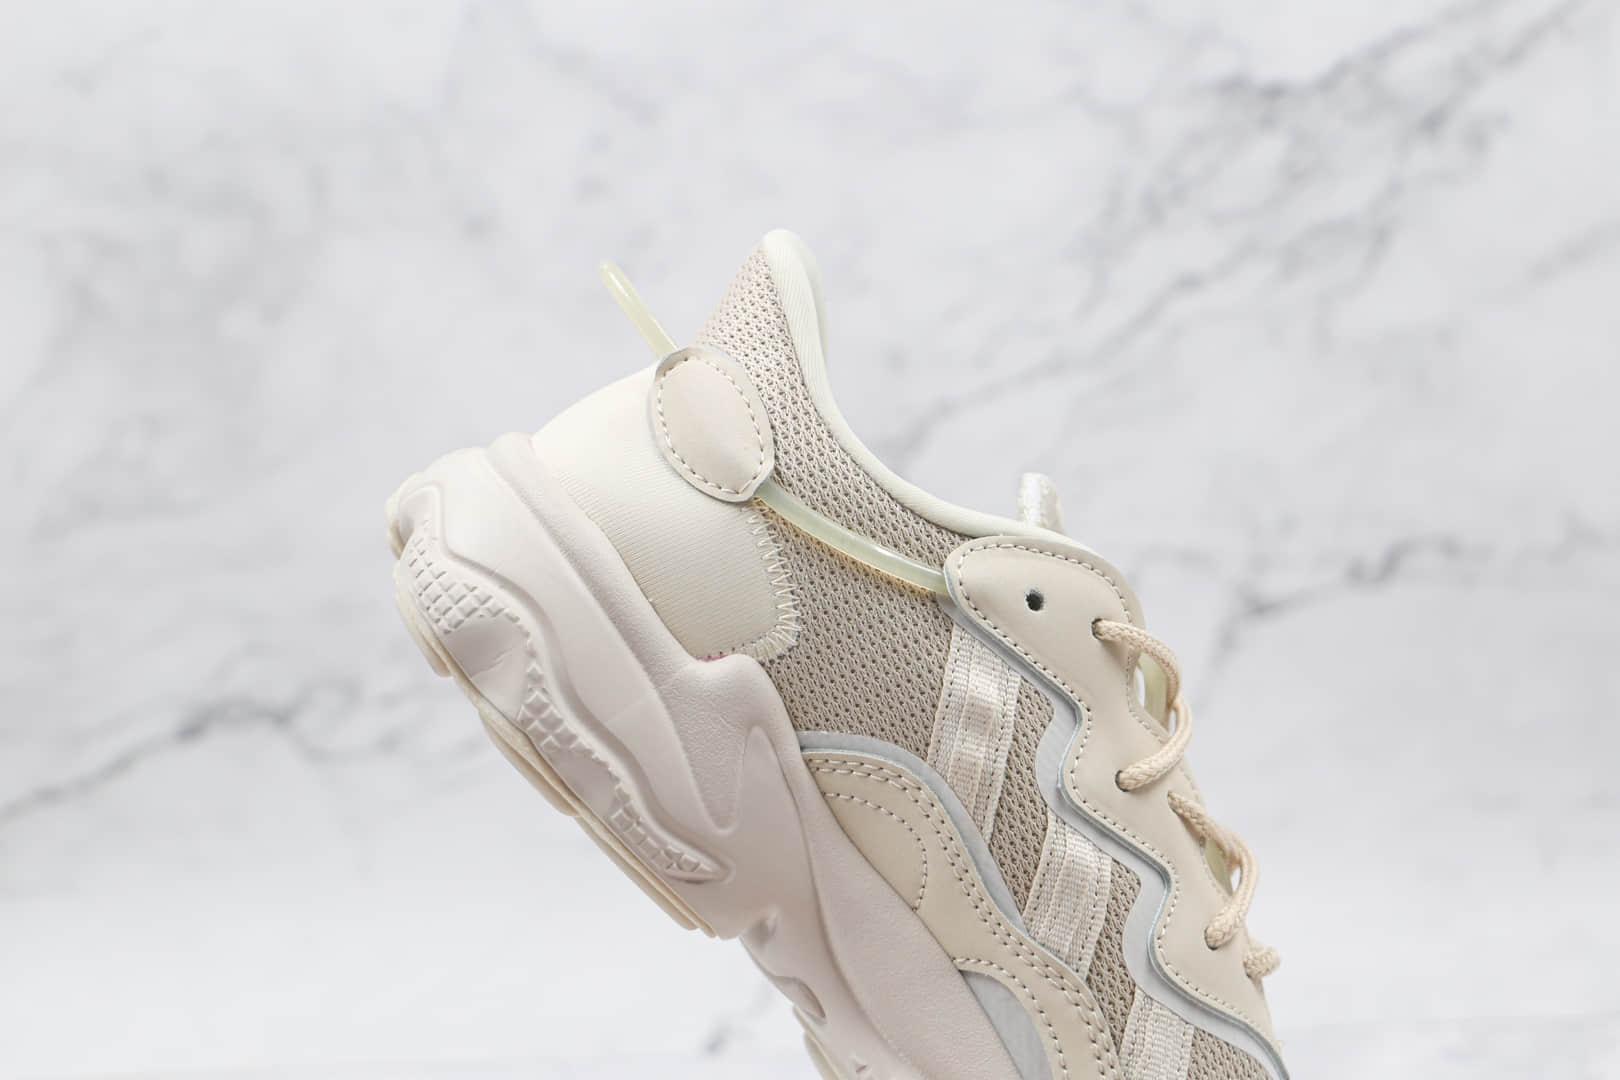 阿迪达斯Adidas Originals Ozweego纯原版本米白色水管老爹鞋3M网面复古休闲鞋原盒原标 货号:Q46167